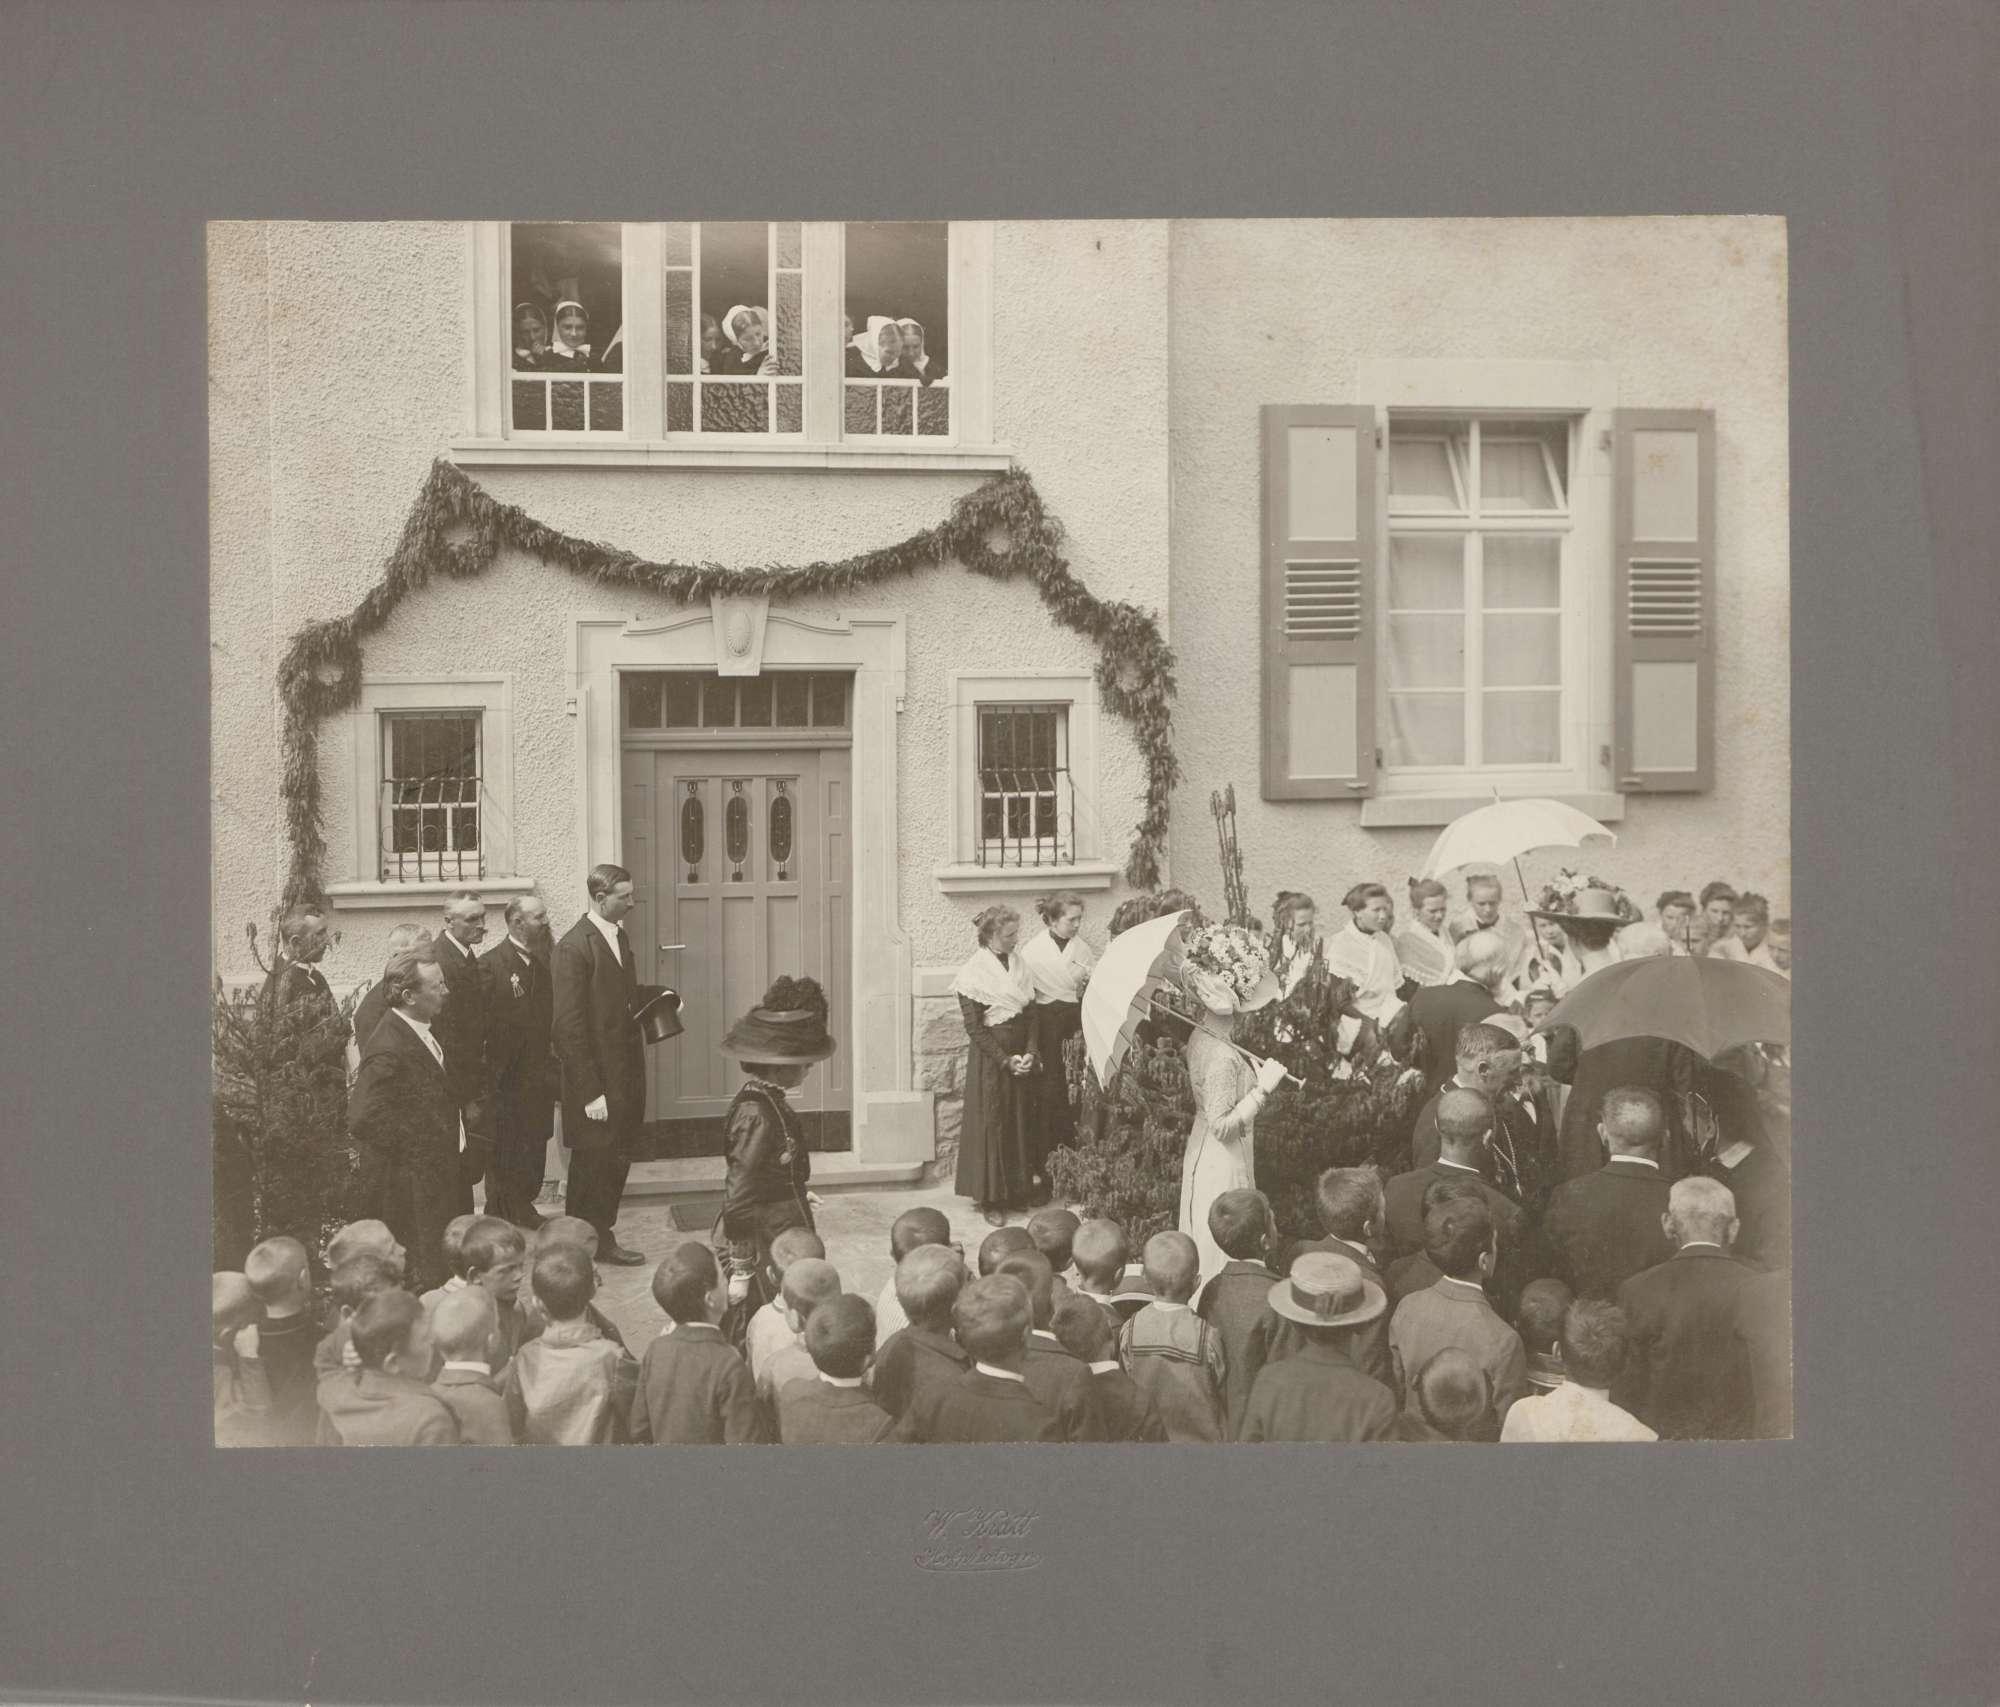 Großherzoginnen Luise und Hilda in Menschenmenge vor geschmücktem Heim., Bild 1